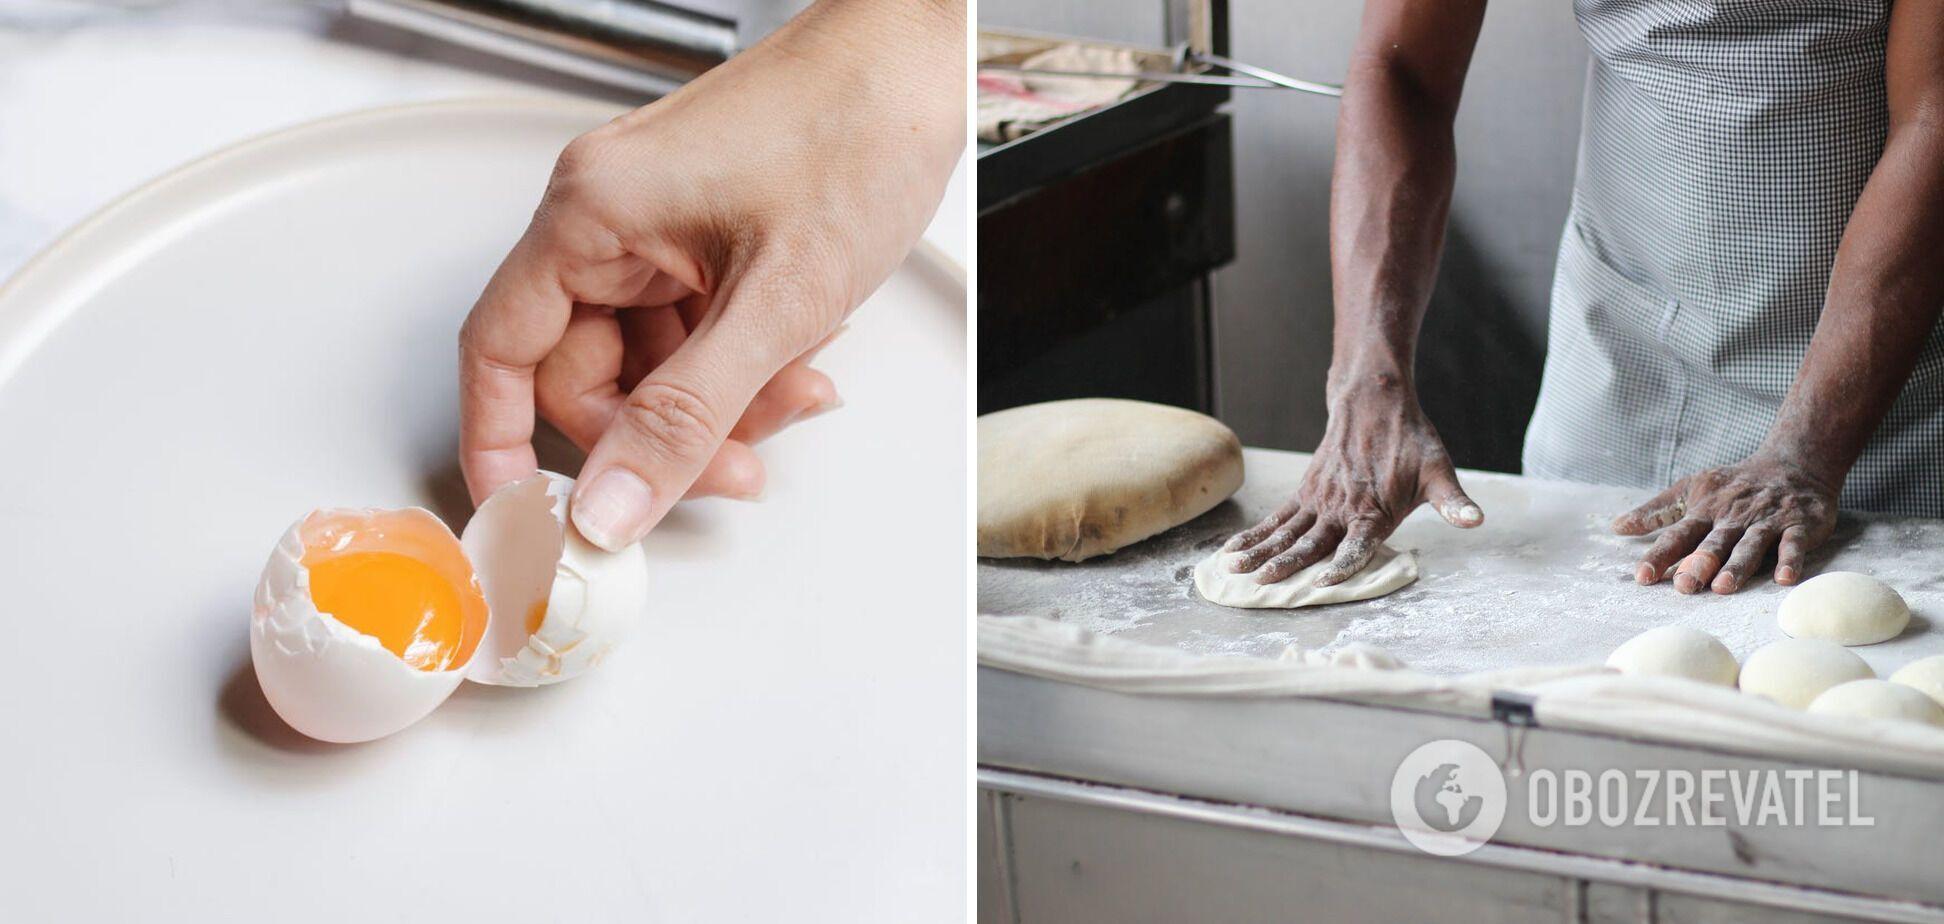 Приготовление хачапури с яйцом